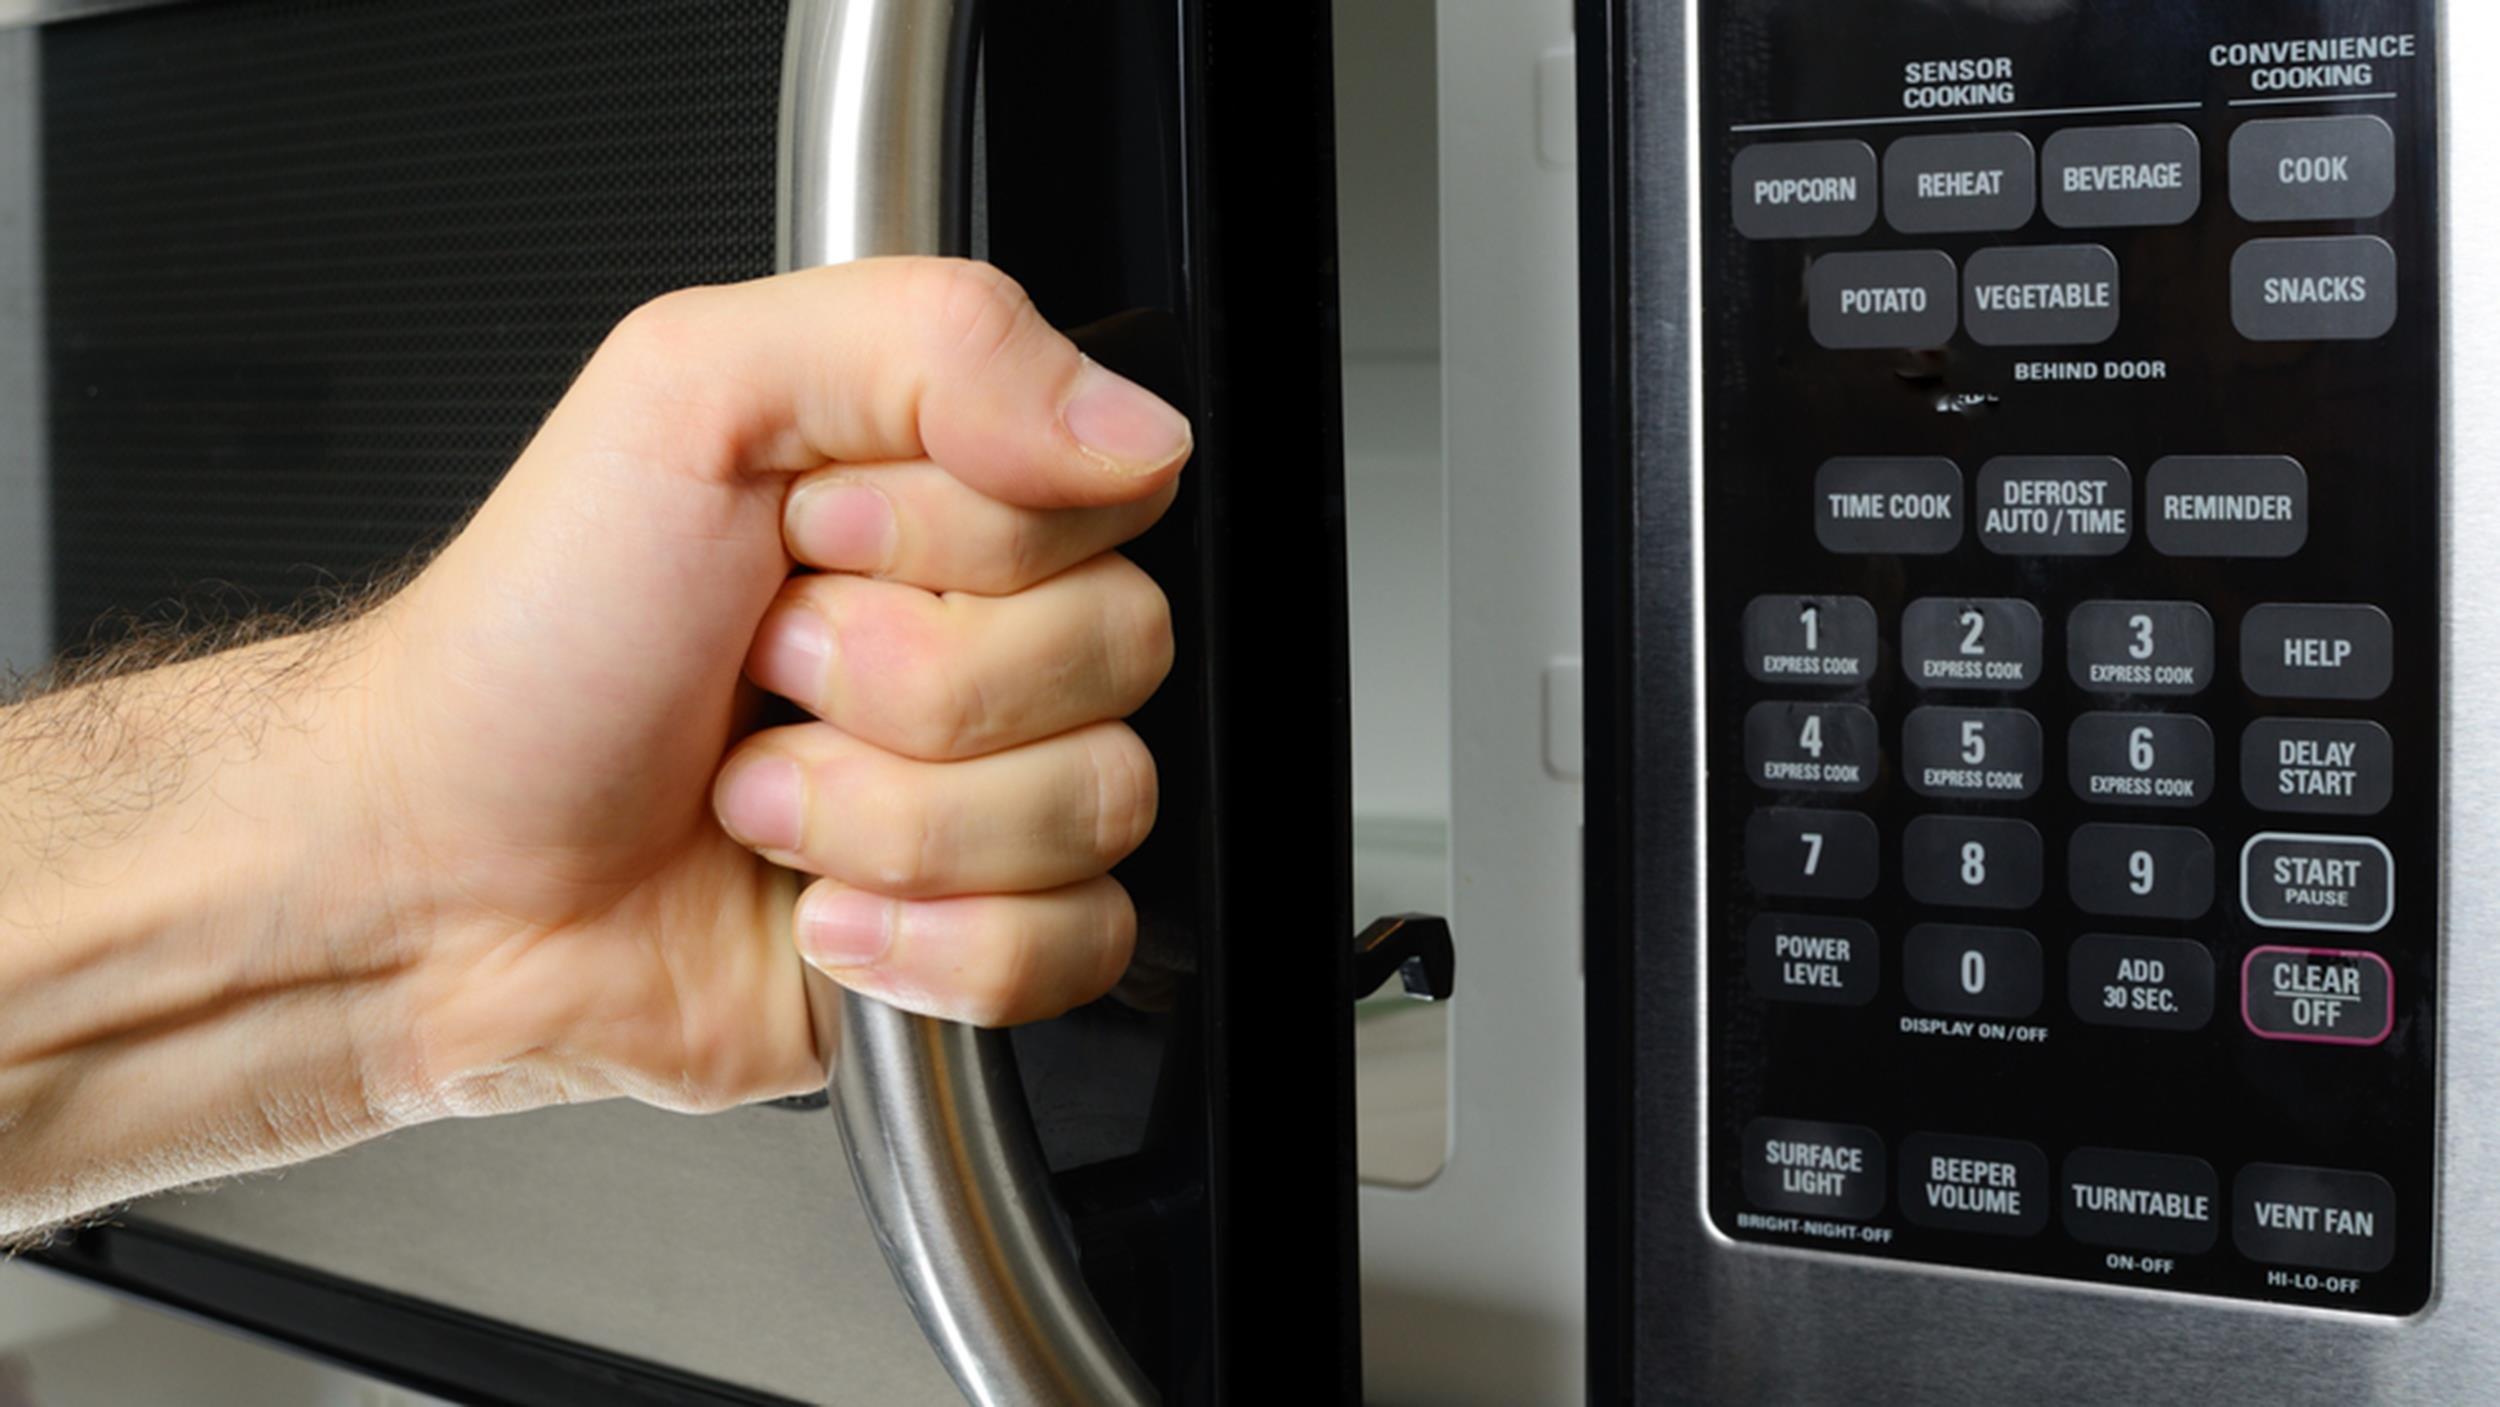 today microwave tease 150403 cbb495fe20f4ca7efdef05121222ffda.jpg?resize=300,169 - Riscos que o micro-ondas pode trazer à saúde